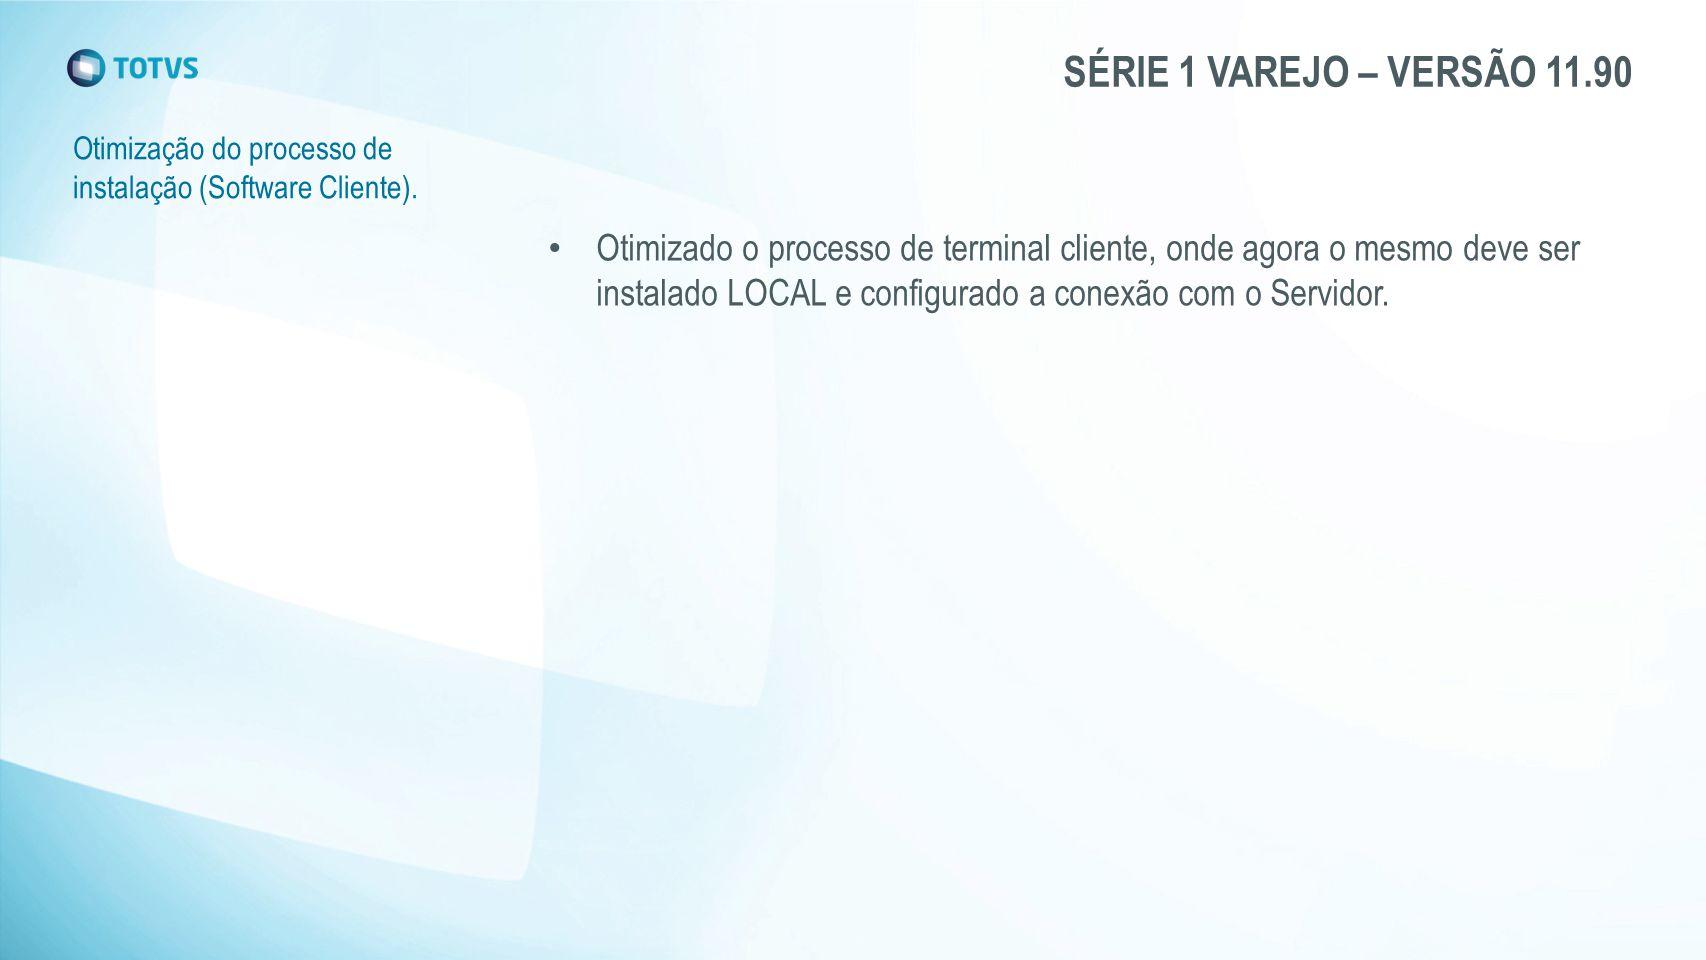 SÉRIE 1 VAREJO – VERSÃO 11.90 Otimização do processo de instalação (Software Cliente). Otimizado o processo de terminal cliente, onde agora o mesmo de